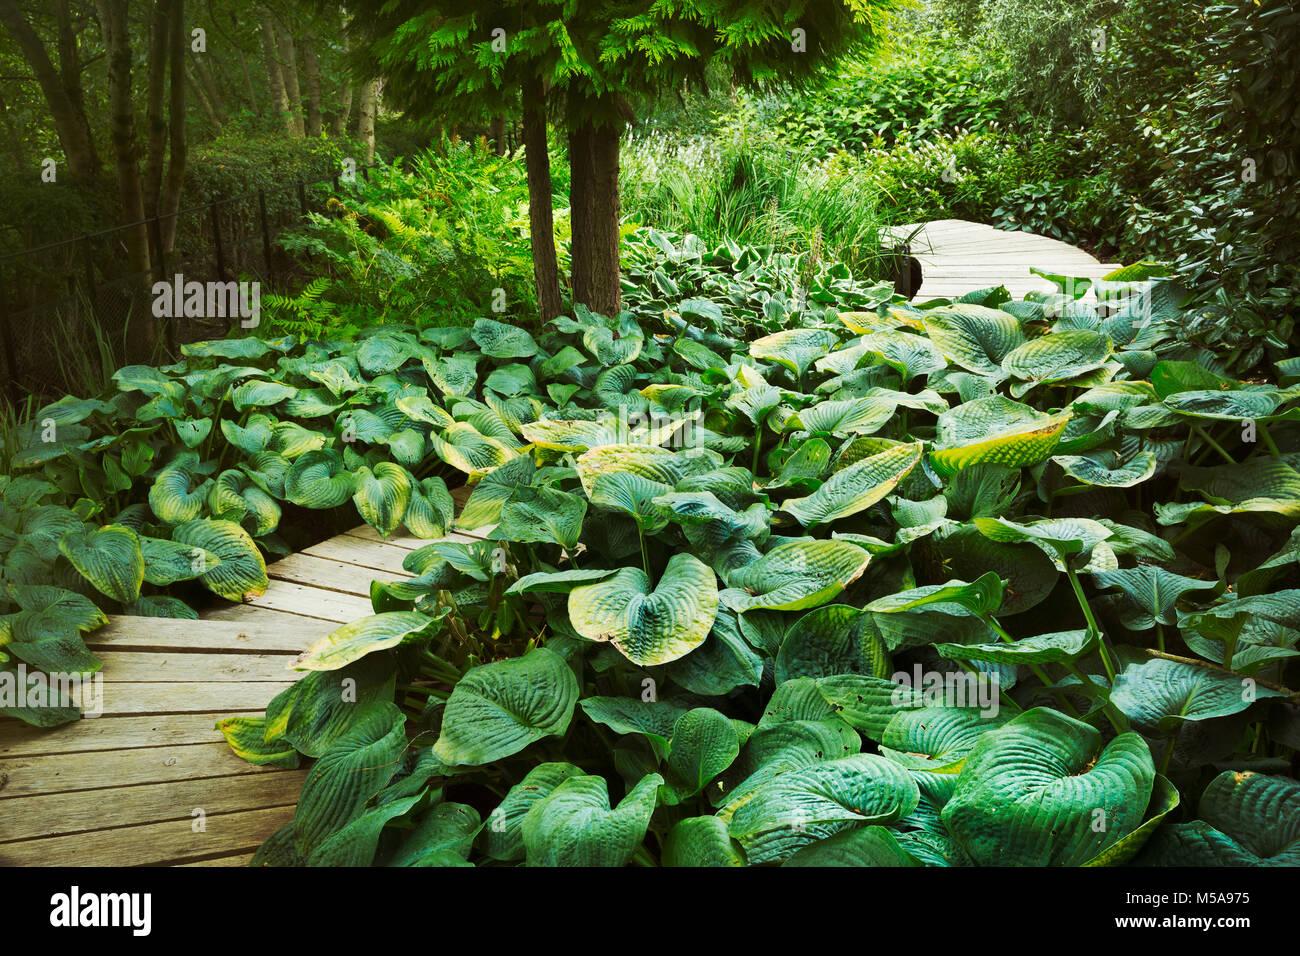 Exotische Pflanzen Mit Großen Grünen Blättern Um Geschwungenen